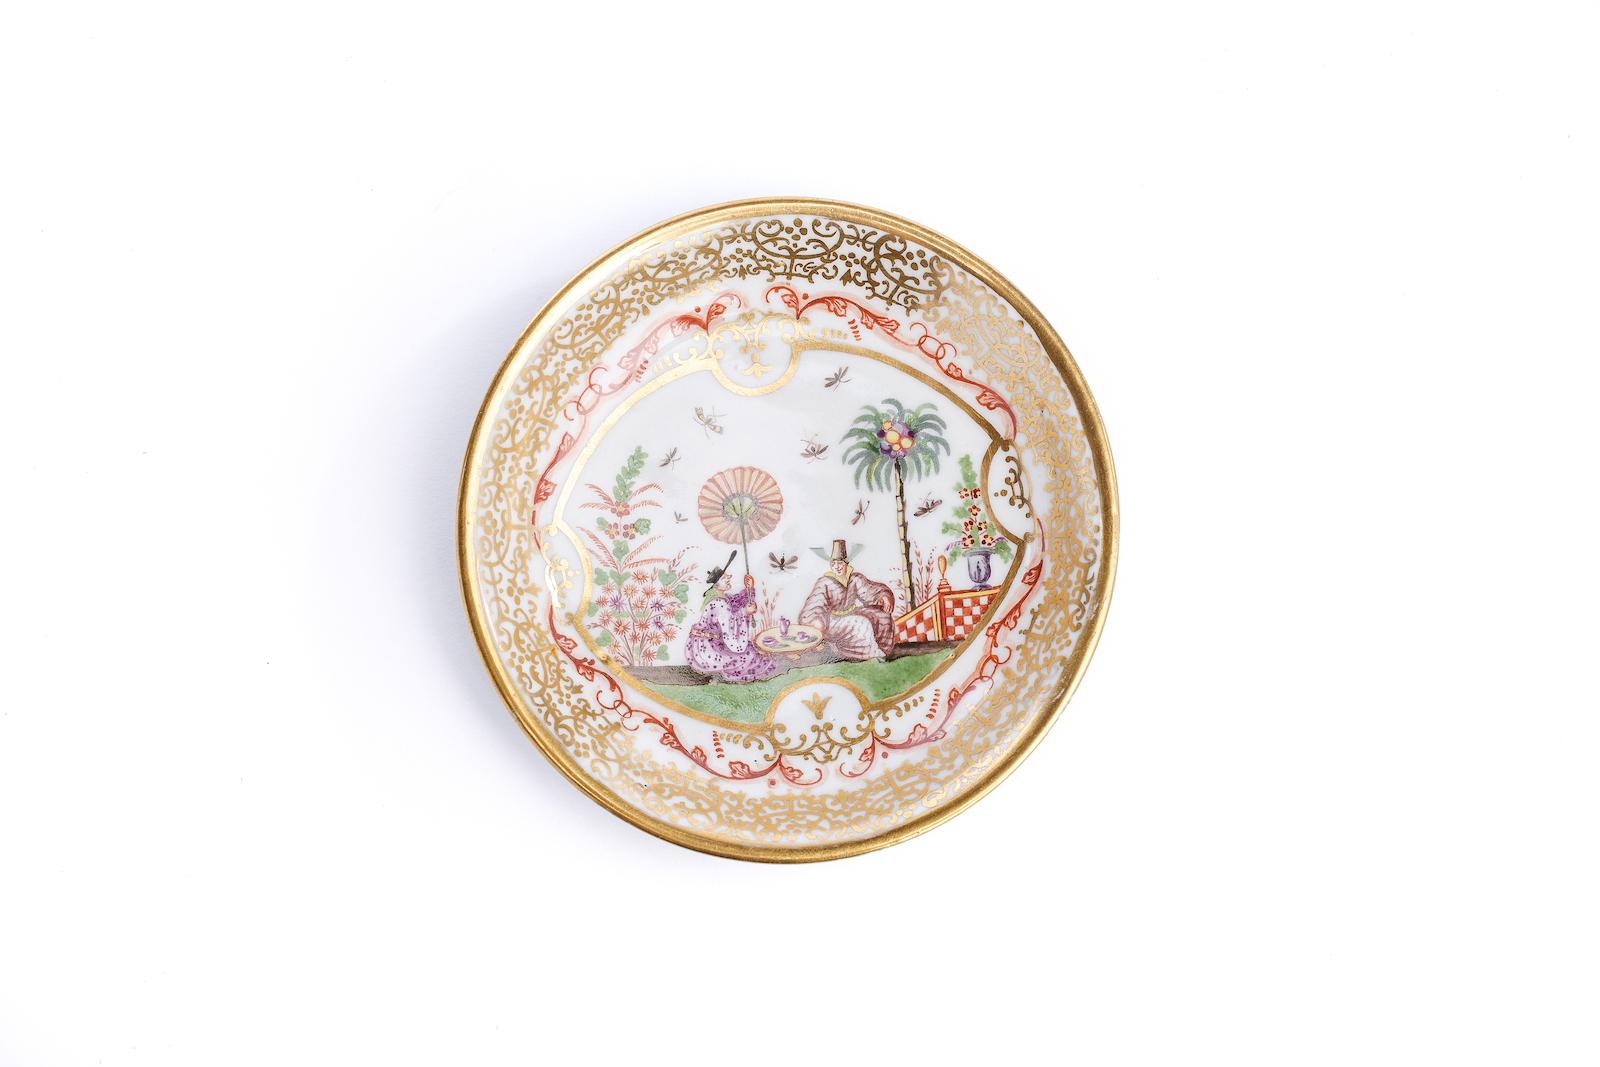 #23 Kleine Unterschale, Meissen 1720/25 |A plate with Image